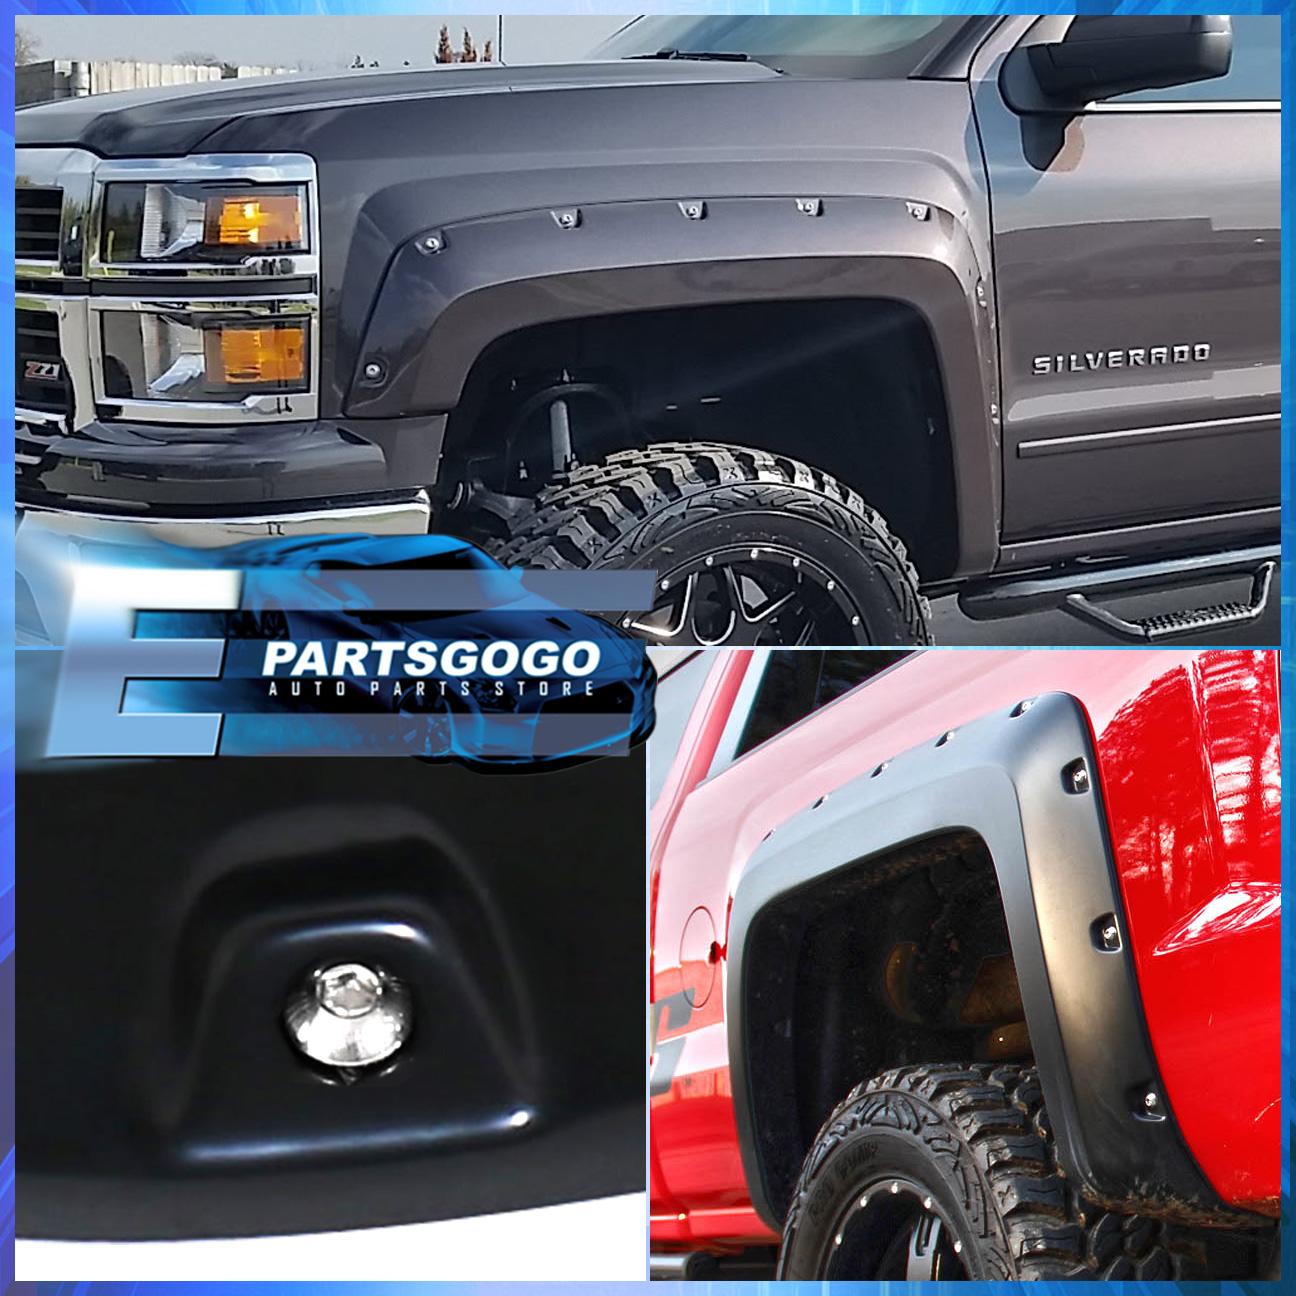 Silverado 2003 chevy silverado fender flares : 2014-2016 Silverado Pickup Paintable Pocket Rivet Style Wheel Well ...